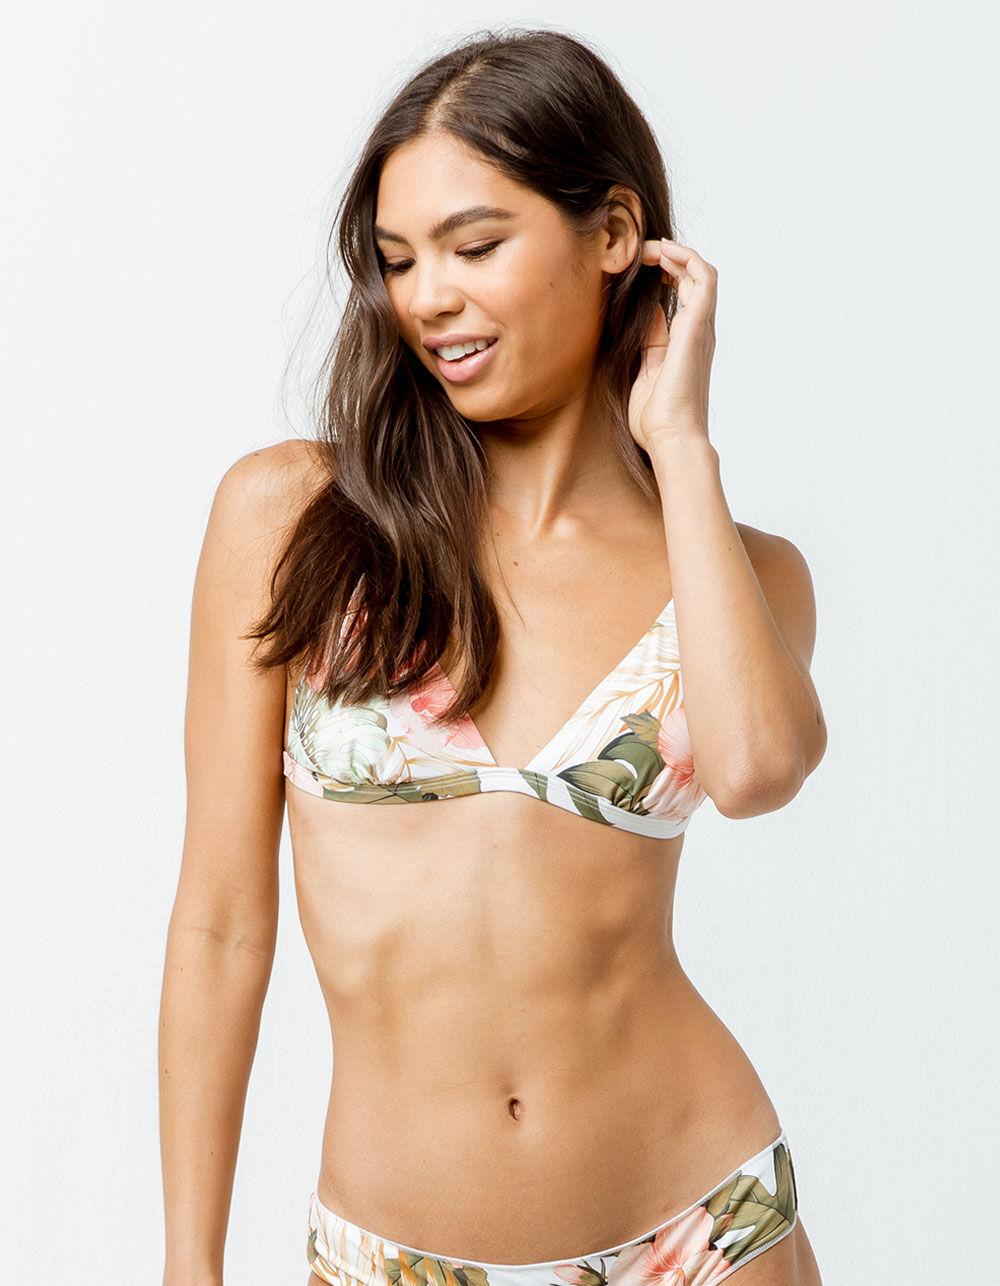 RIP CURL Hanalei Bay Triangle Bikini Top